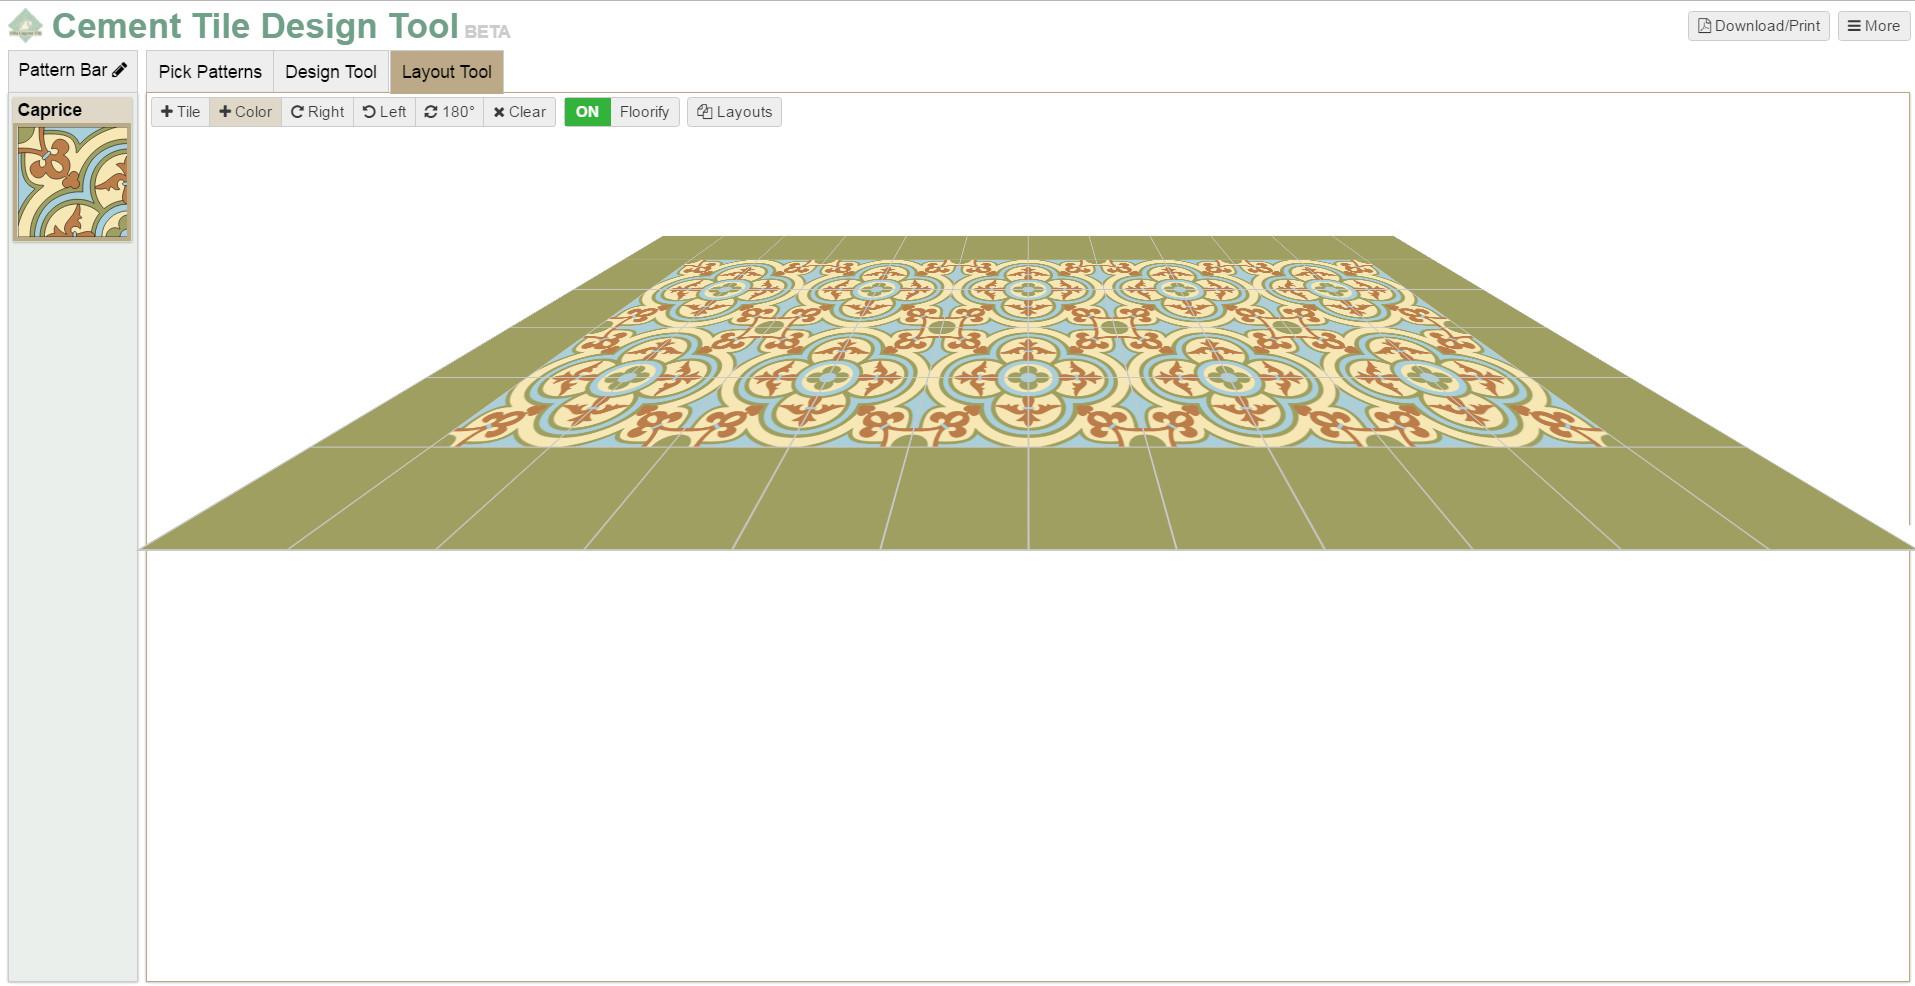 villa lagoon tile s new design tool